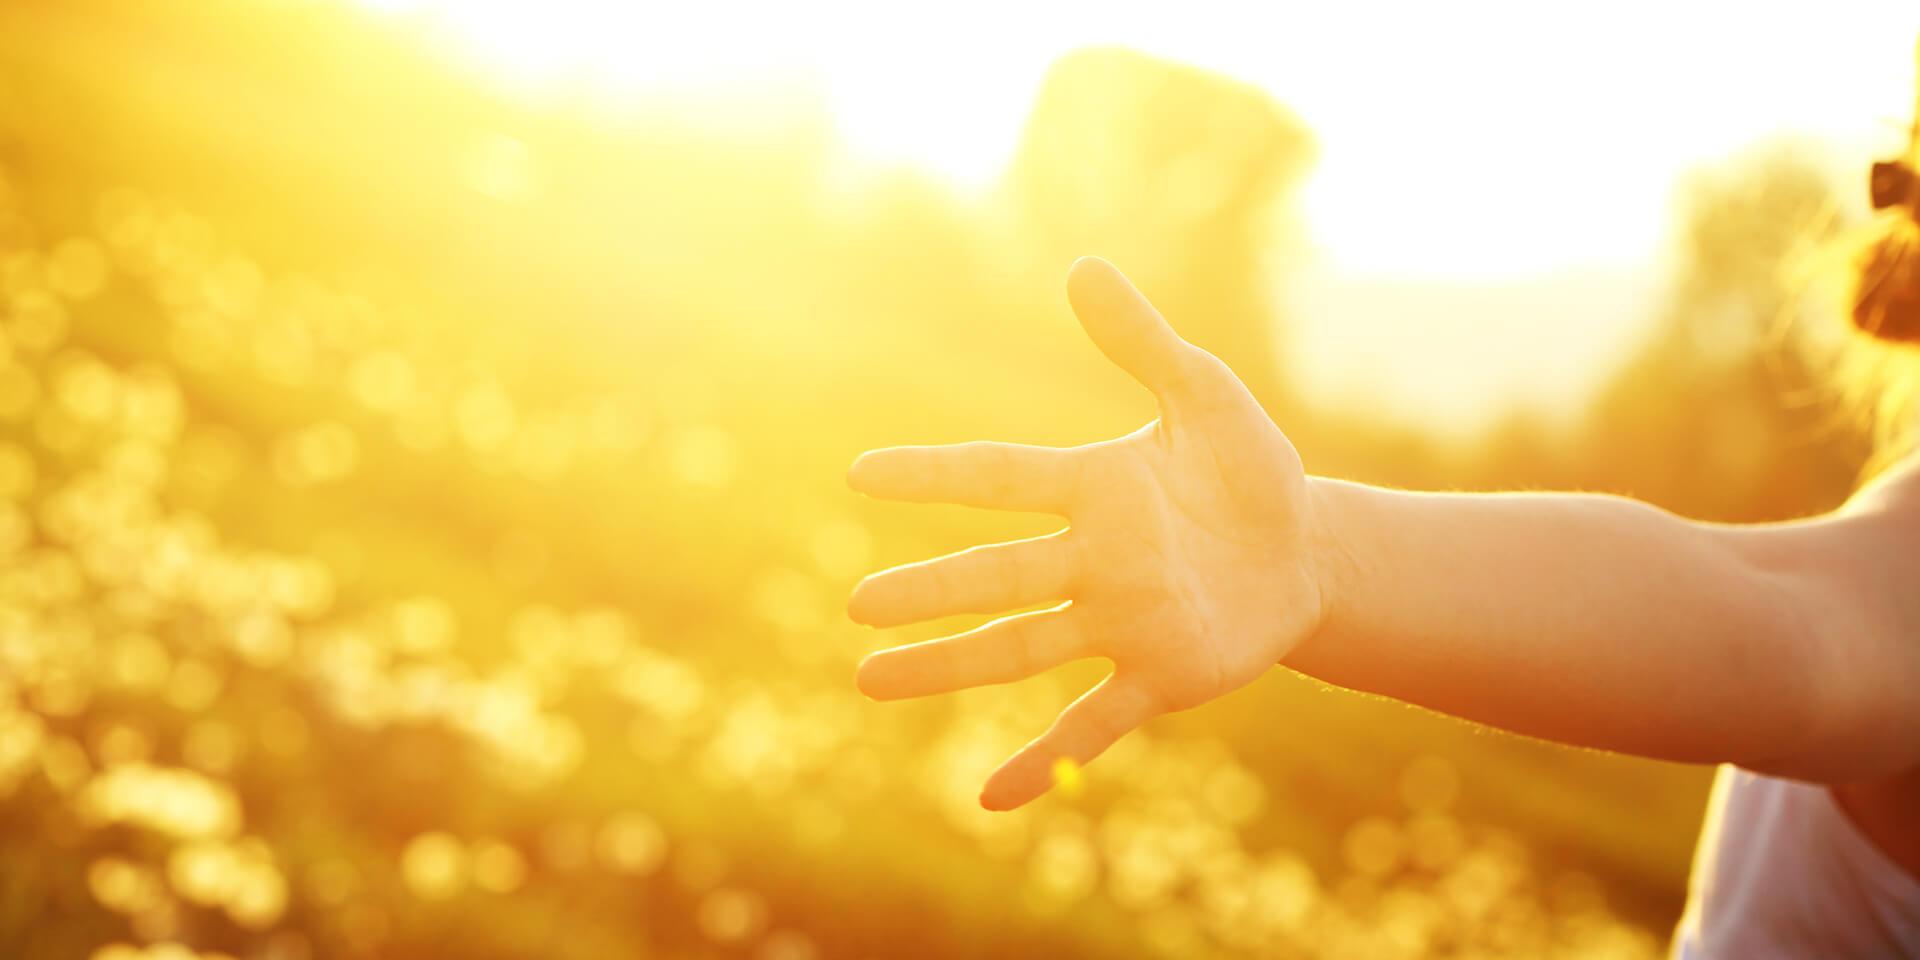 Mensch im Sonnenlicht